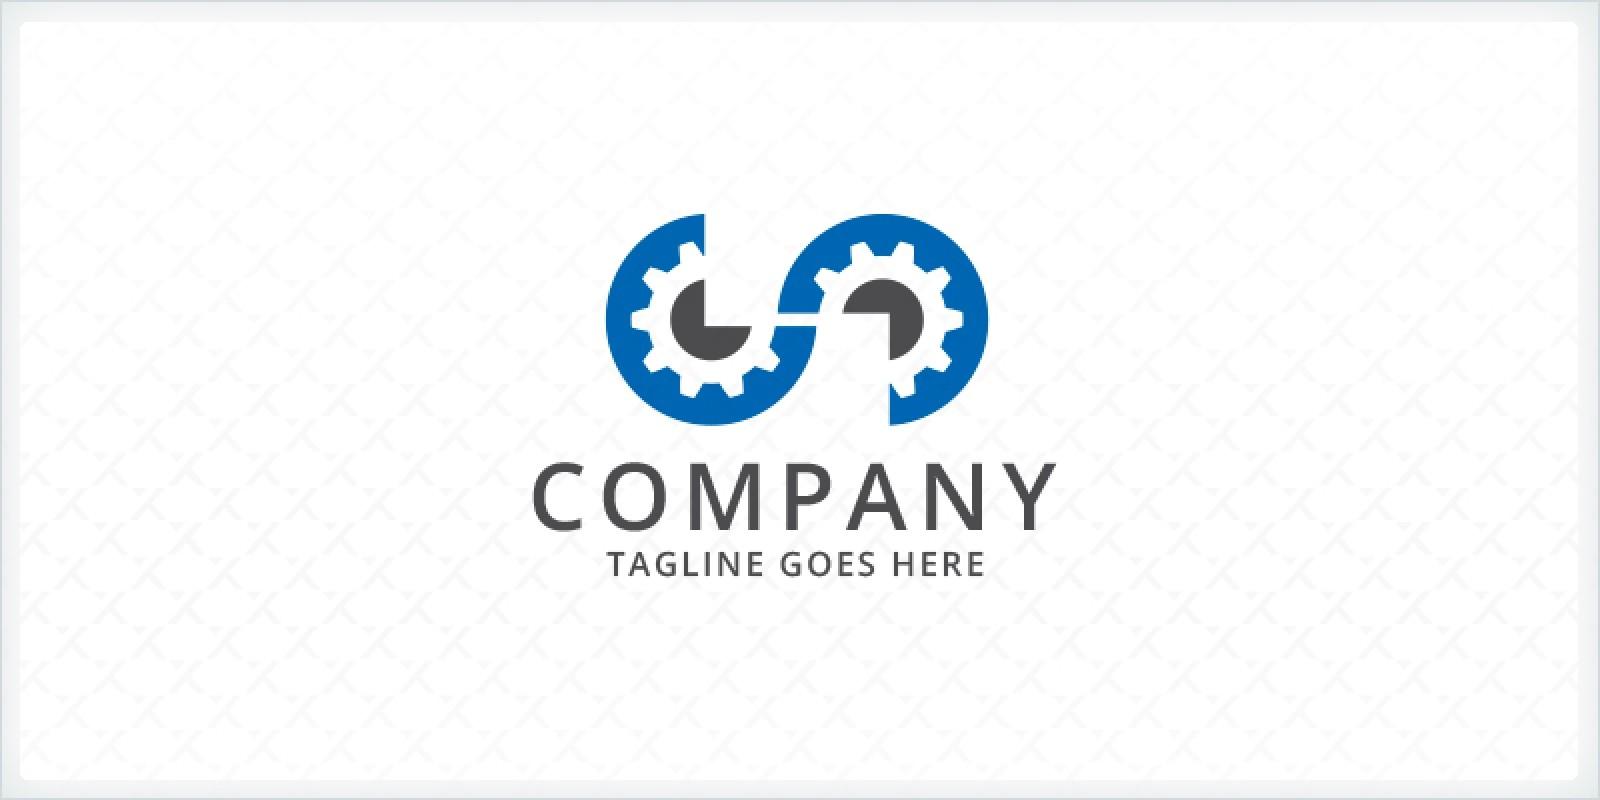 Two Gears Logo